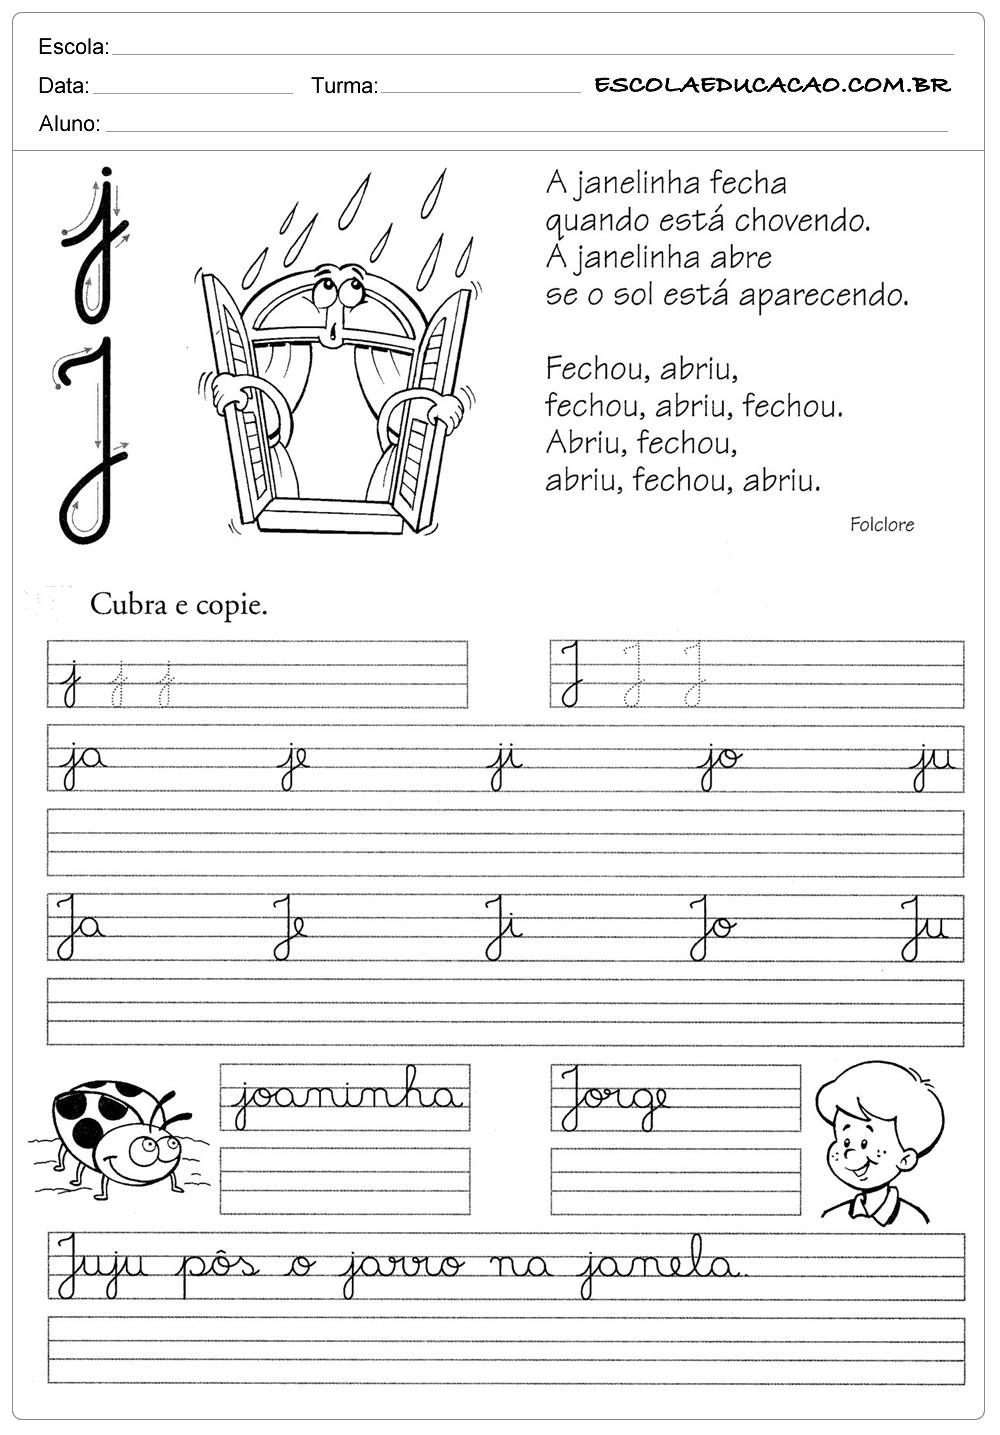 Muitas vezes Atividade de caligrafia letra J - Escola Educação VW93